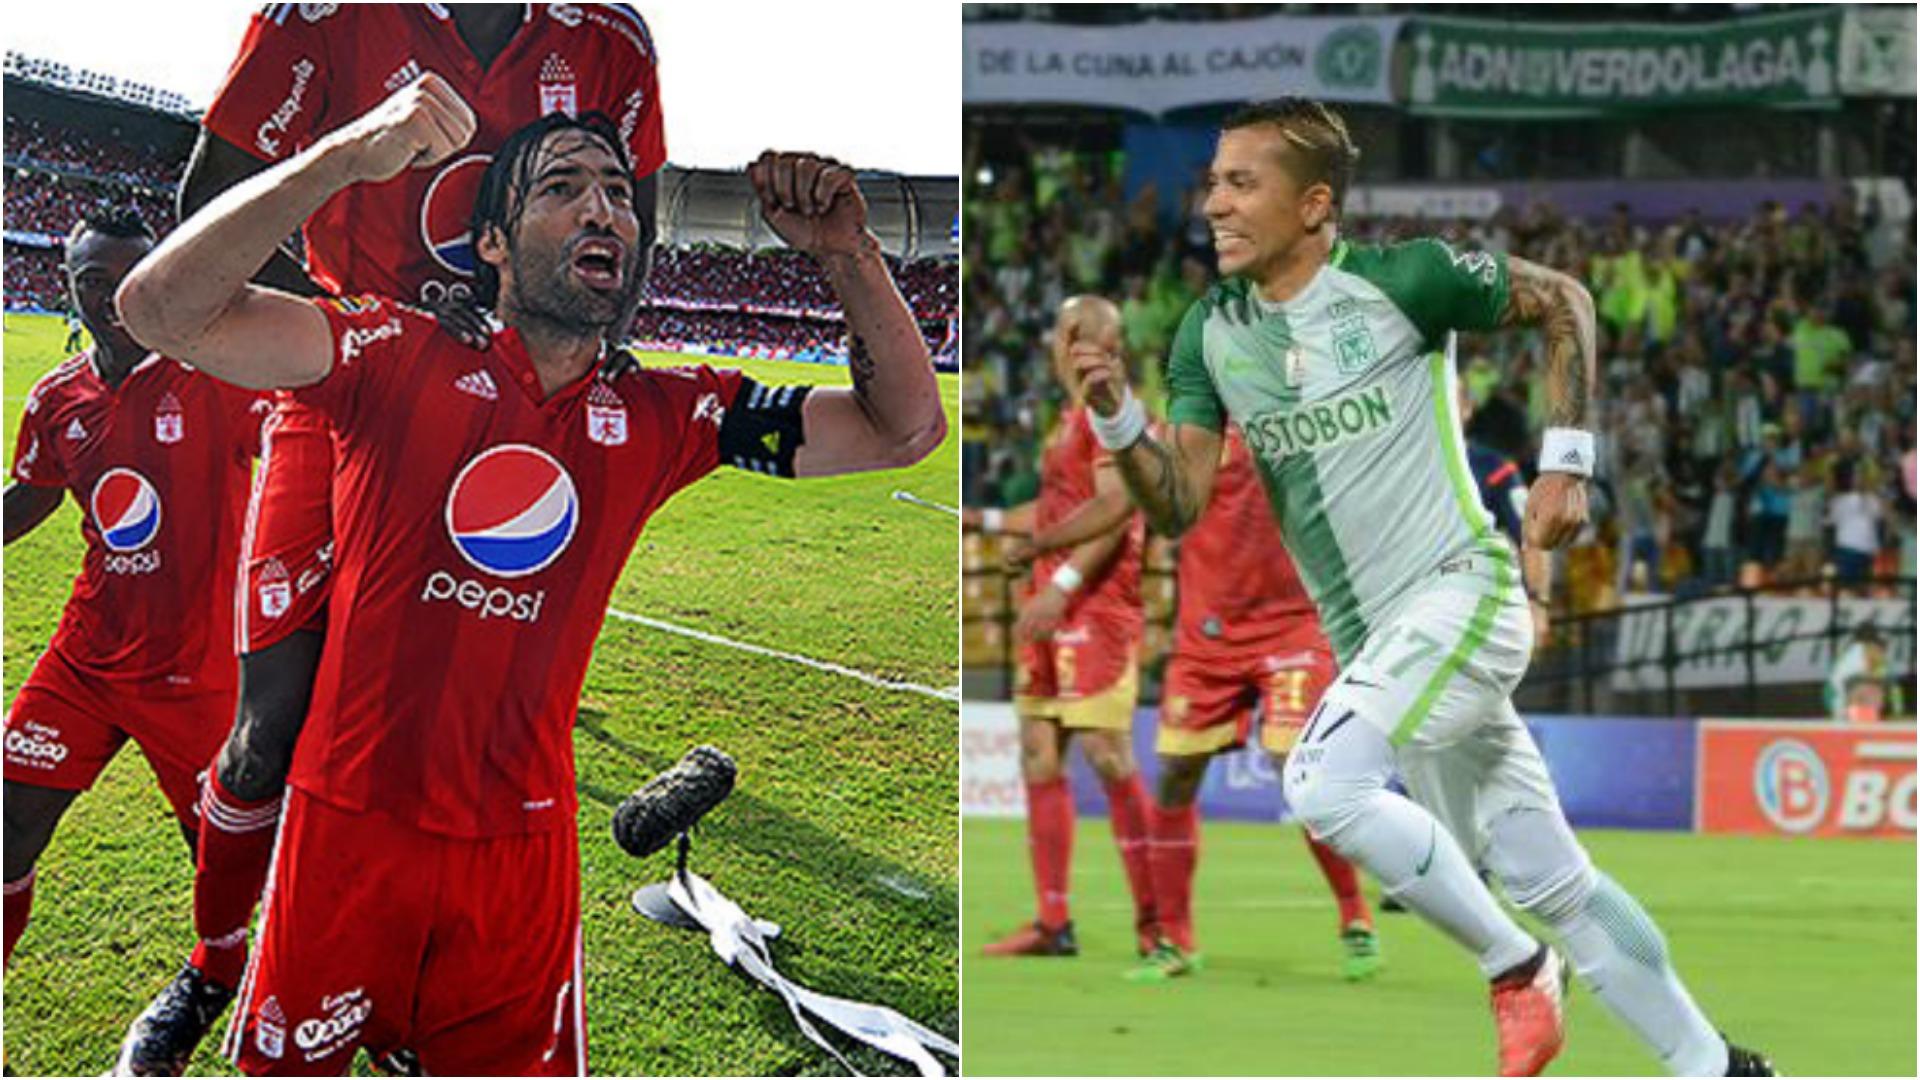 América - Nacional, ¿el verdadero clásico colombiano?   Goal.com